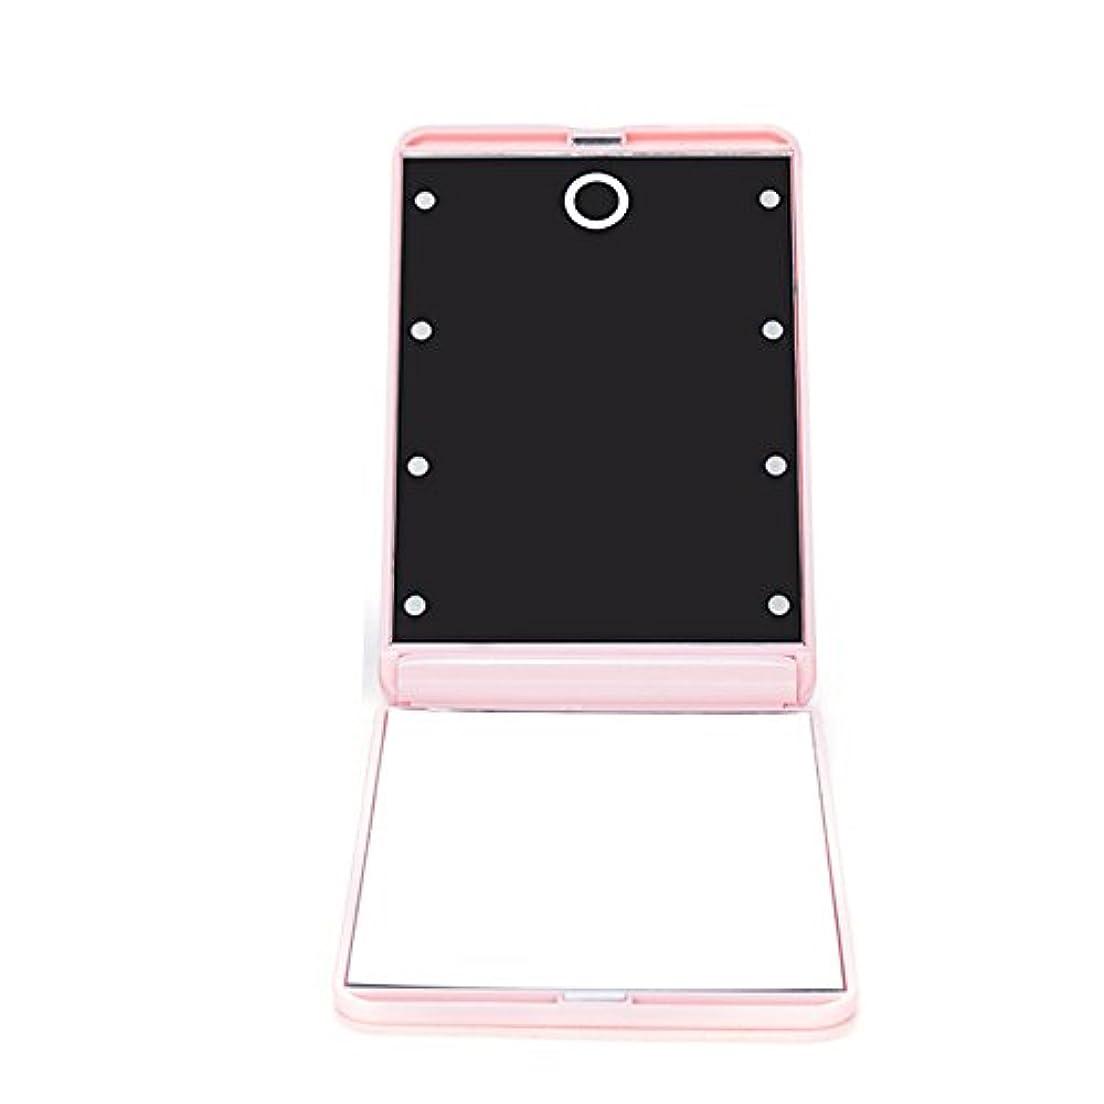 圧倒する頂点ジェーンオースティンledミラー 折りたたみ式 メイクミラー LEDライト 角度/明るさ調整 コンパクト 化粧鏡 二面鏡 ミラー 2倍拡大鏡付 8灯手鏡 ピンク